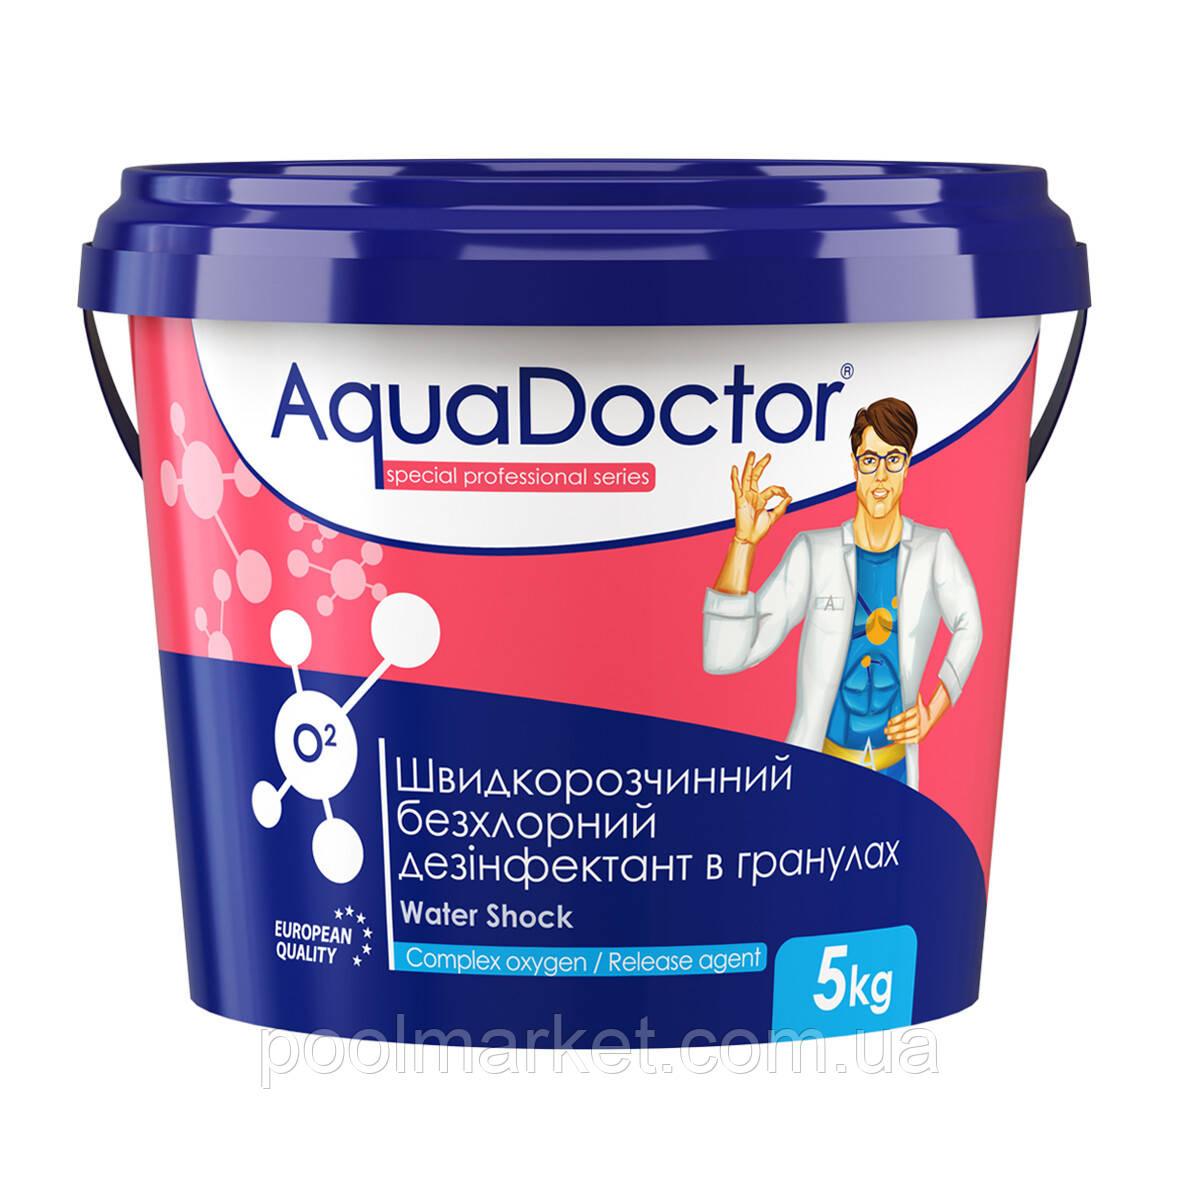 AquaDoctor О2 активный кислород 5кг